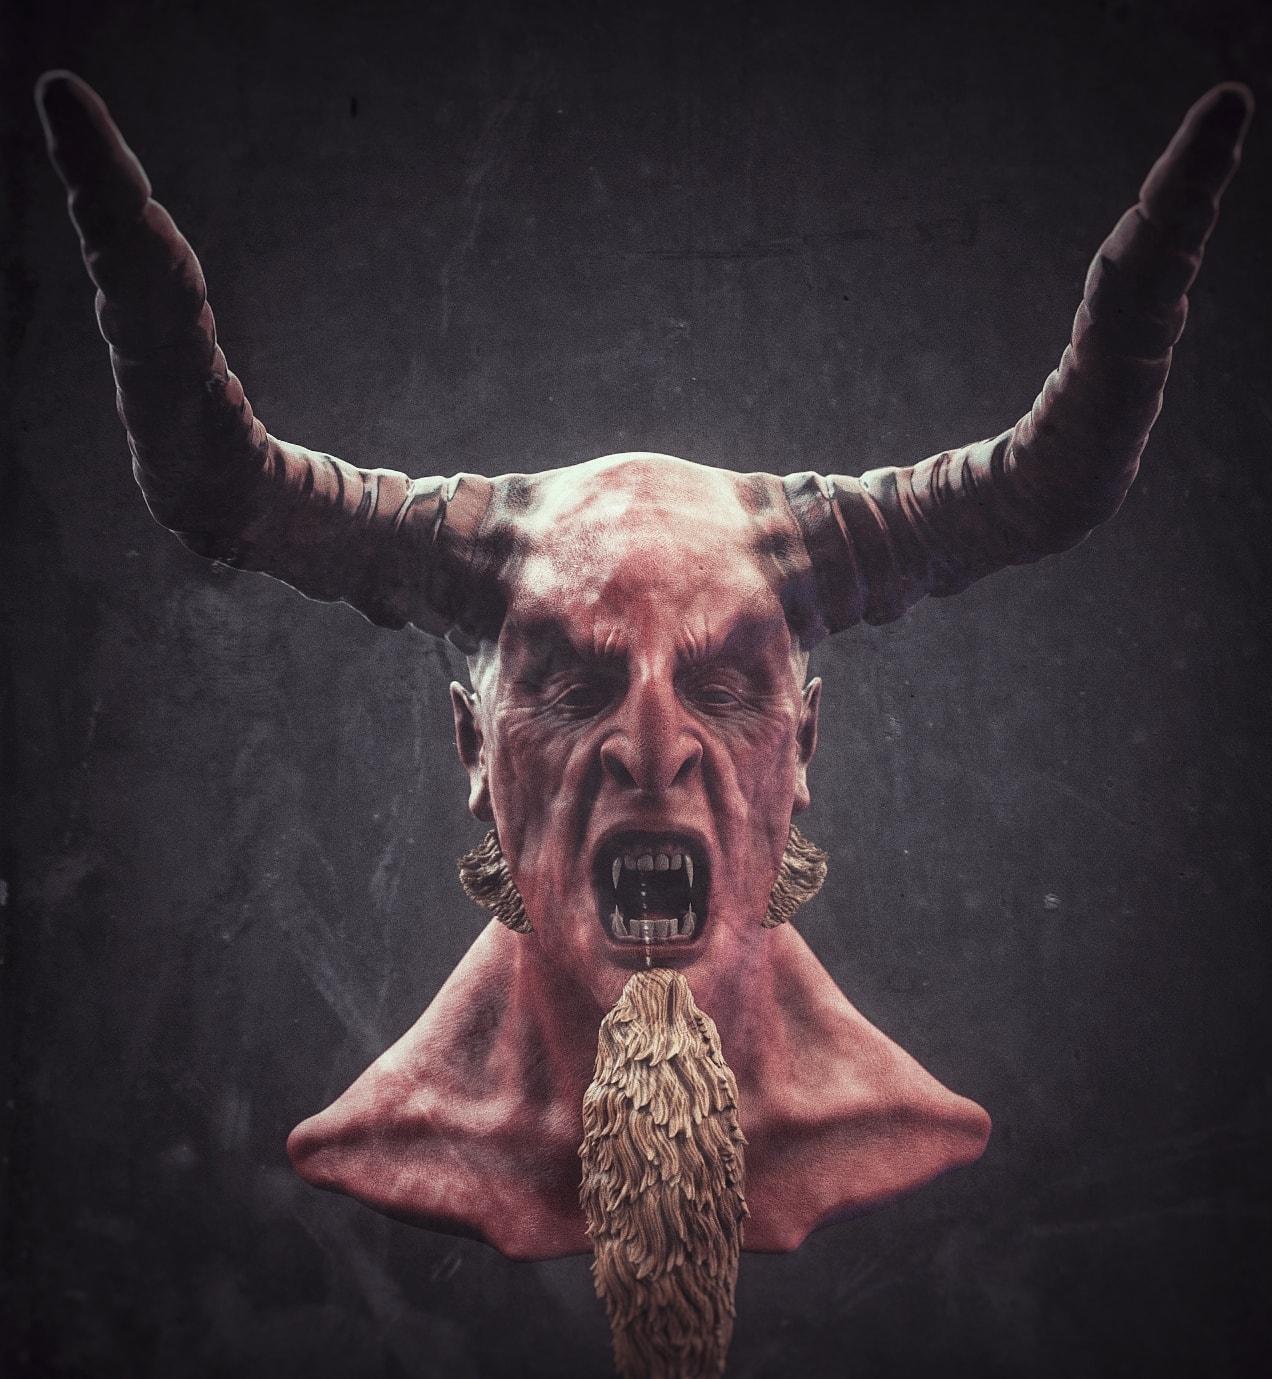 Beelzeboss - From tenacious D